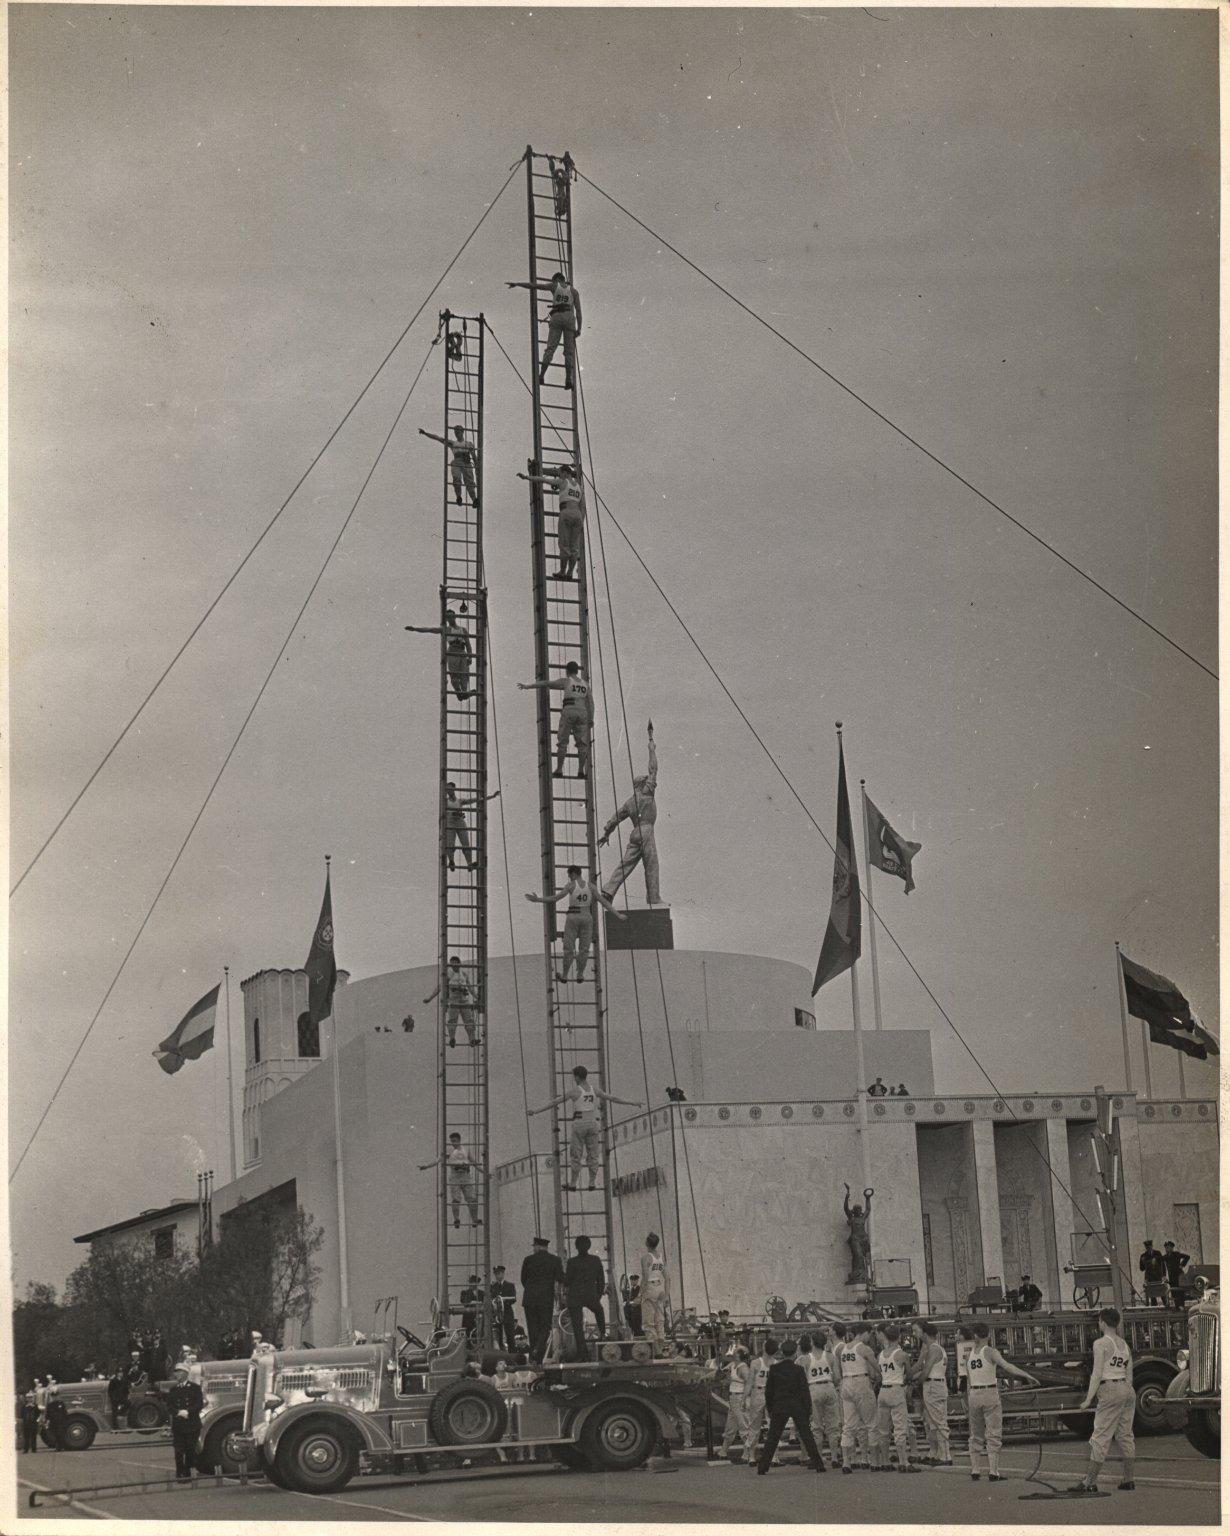 Выступление пожарных на публичном мероприятии. Нью-Йорк, США. Июнь 1939 года